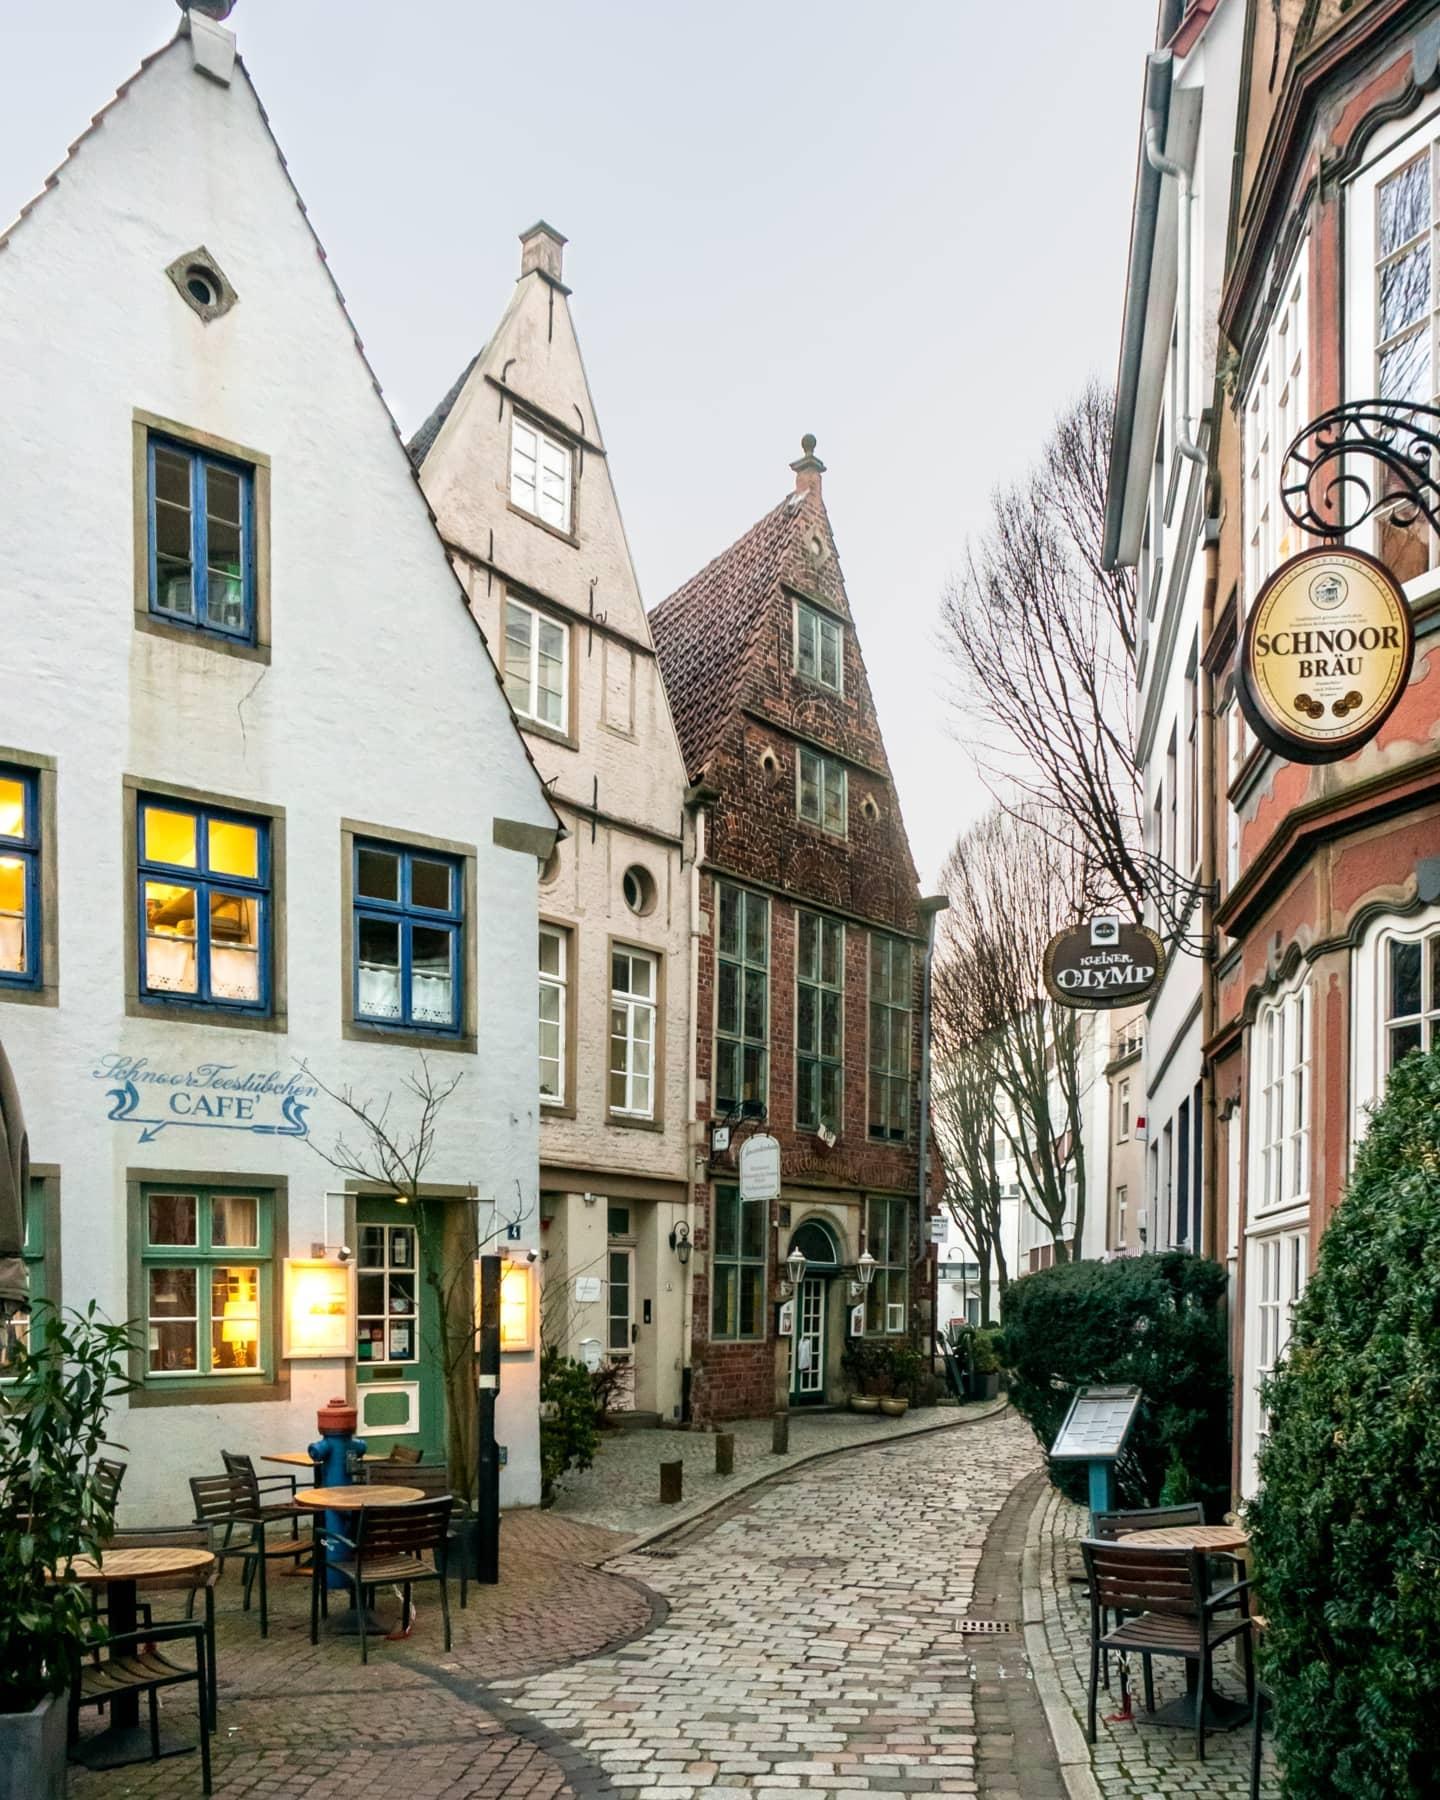 Germany in the winter is like a fairytale for winter breaks